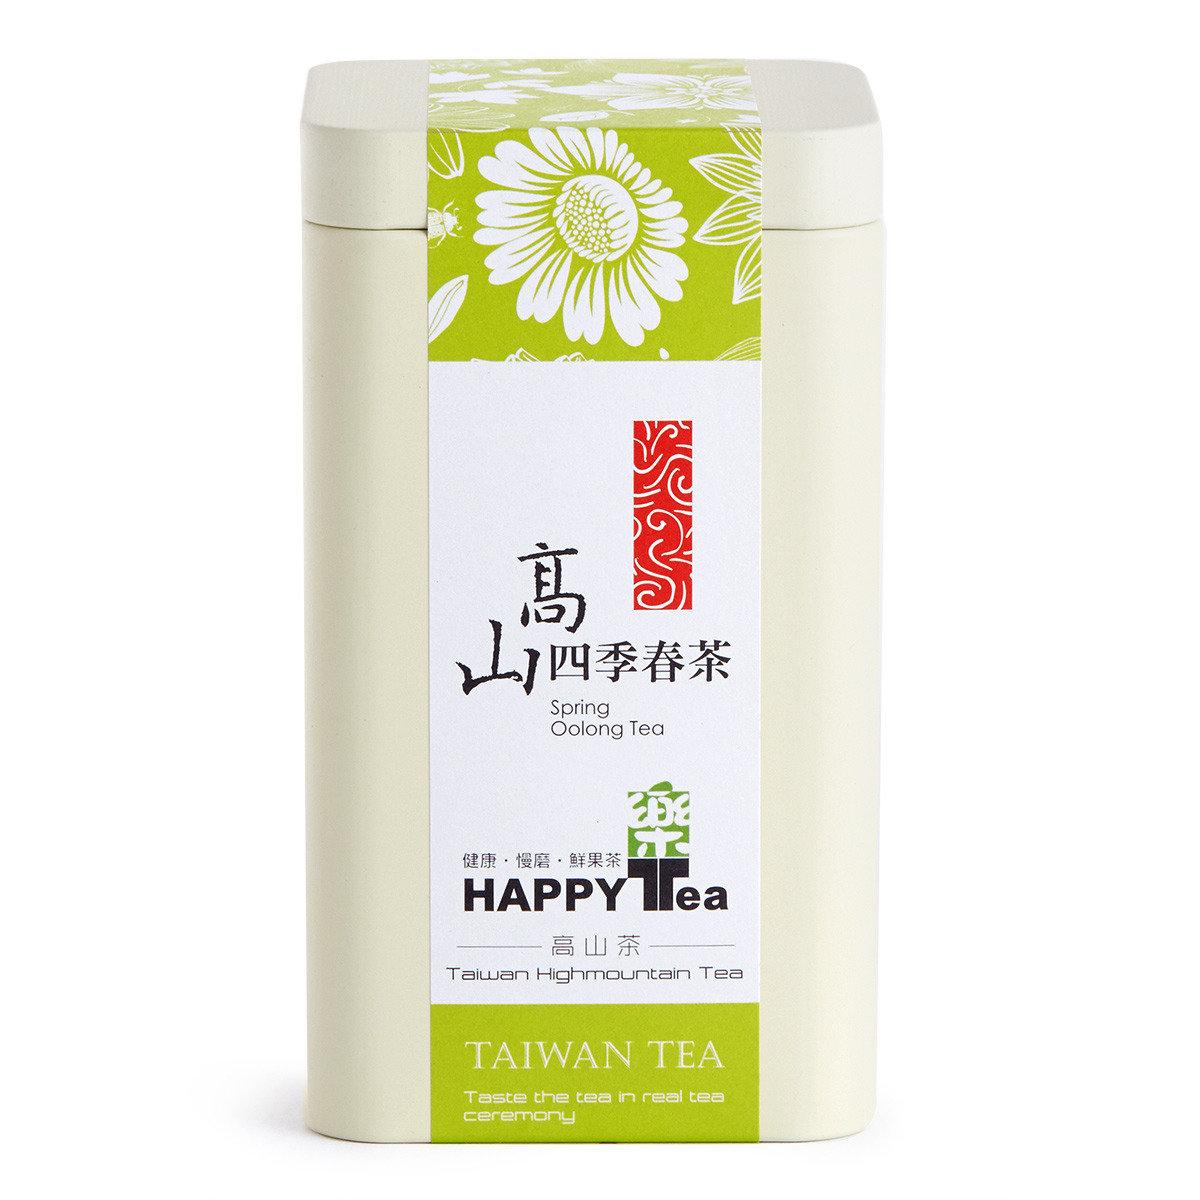 高山四季春茶